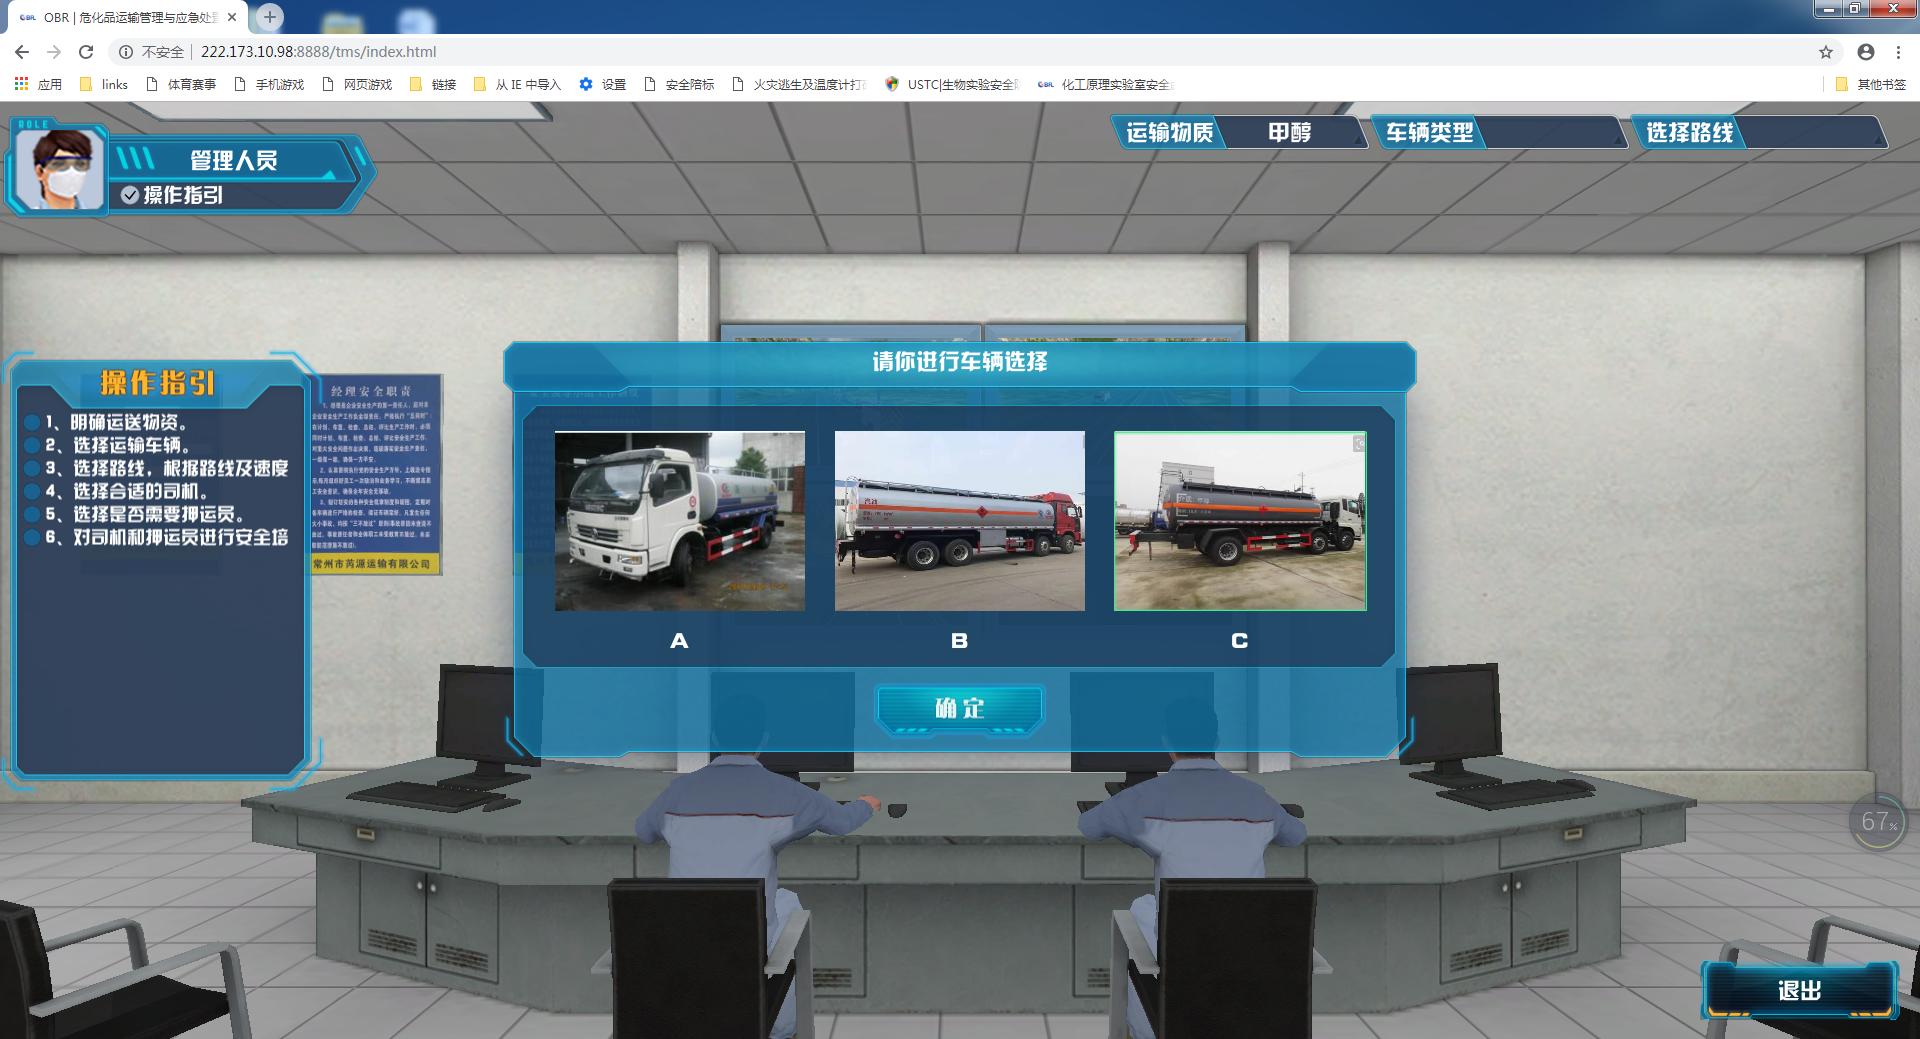 欧倍尔研危化品运输管理与应急处置虚拟仿真软件,应对其运输事故